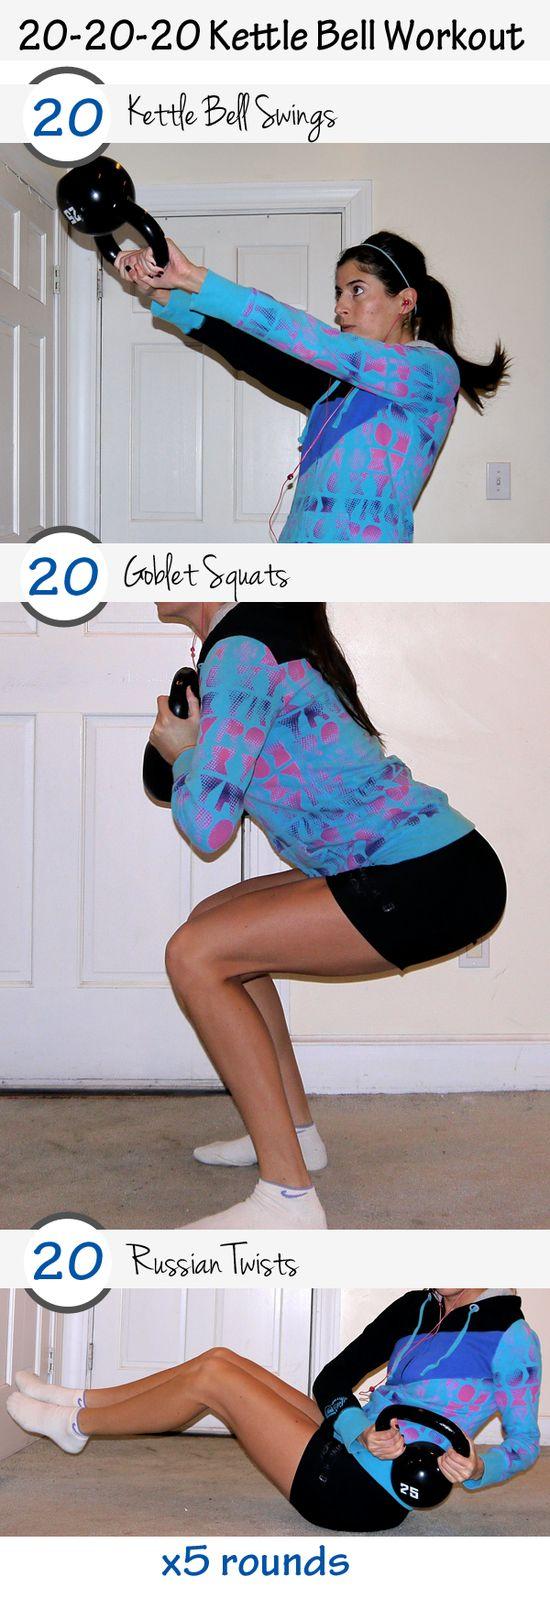 20-20-20 Kettlebell Workout via pumpsandiron.com